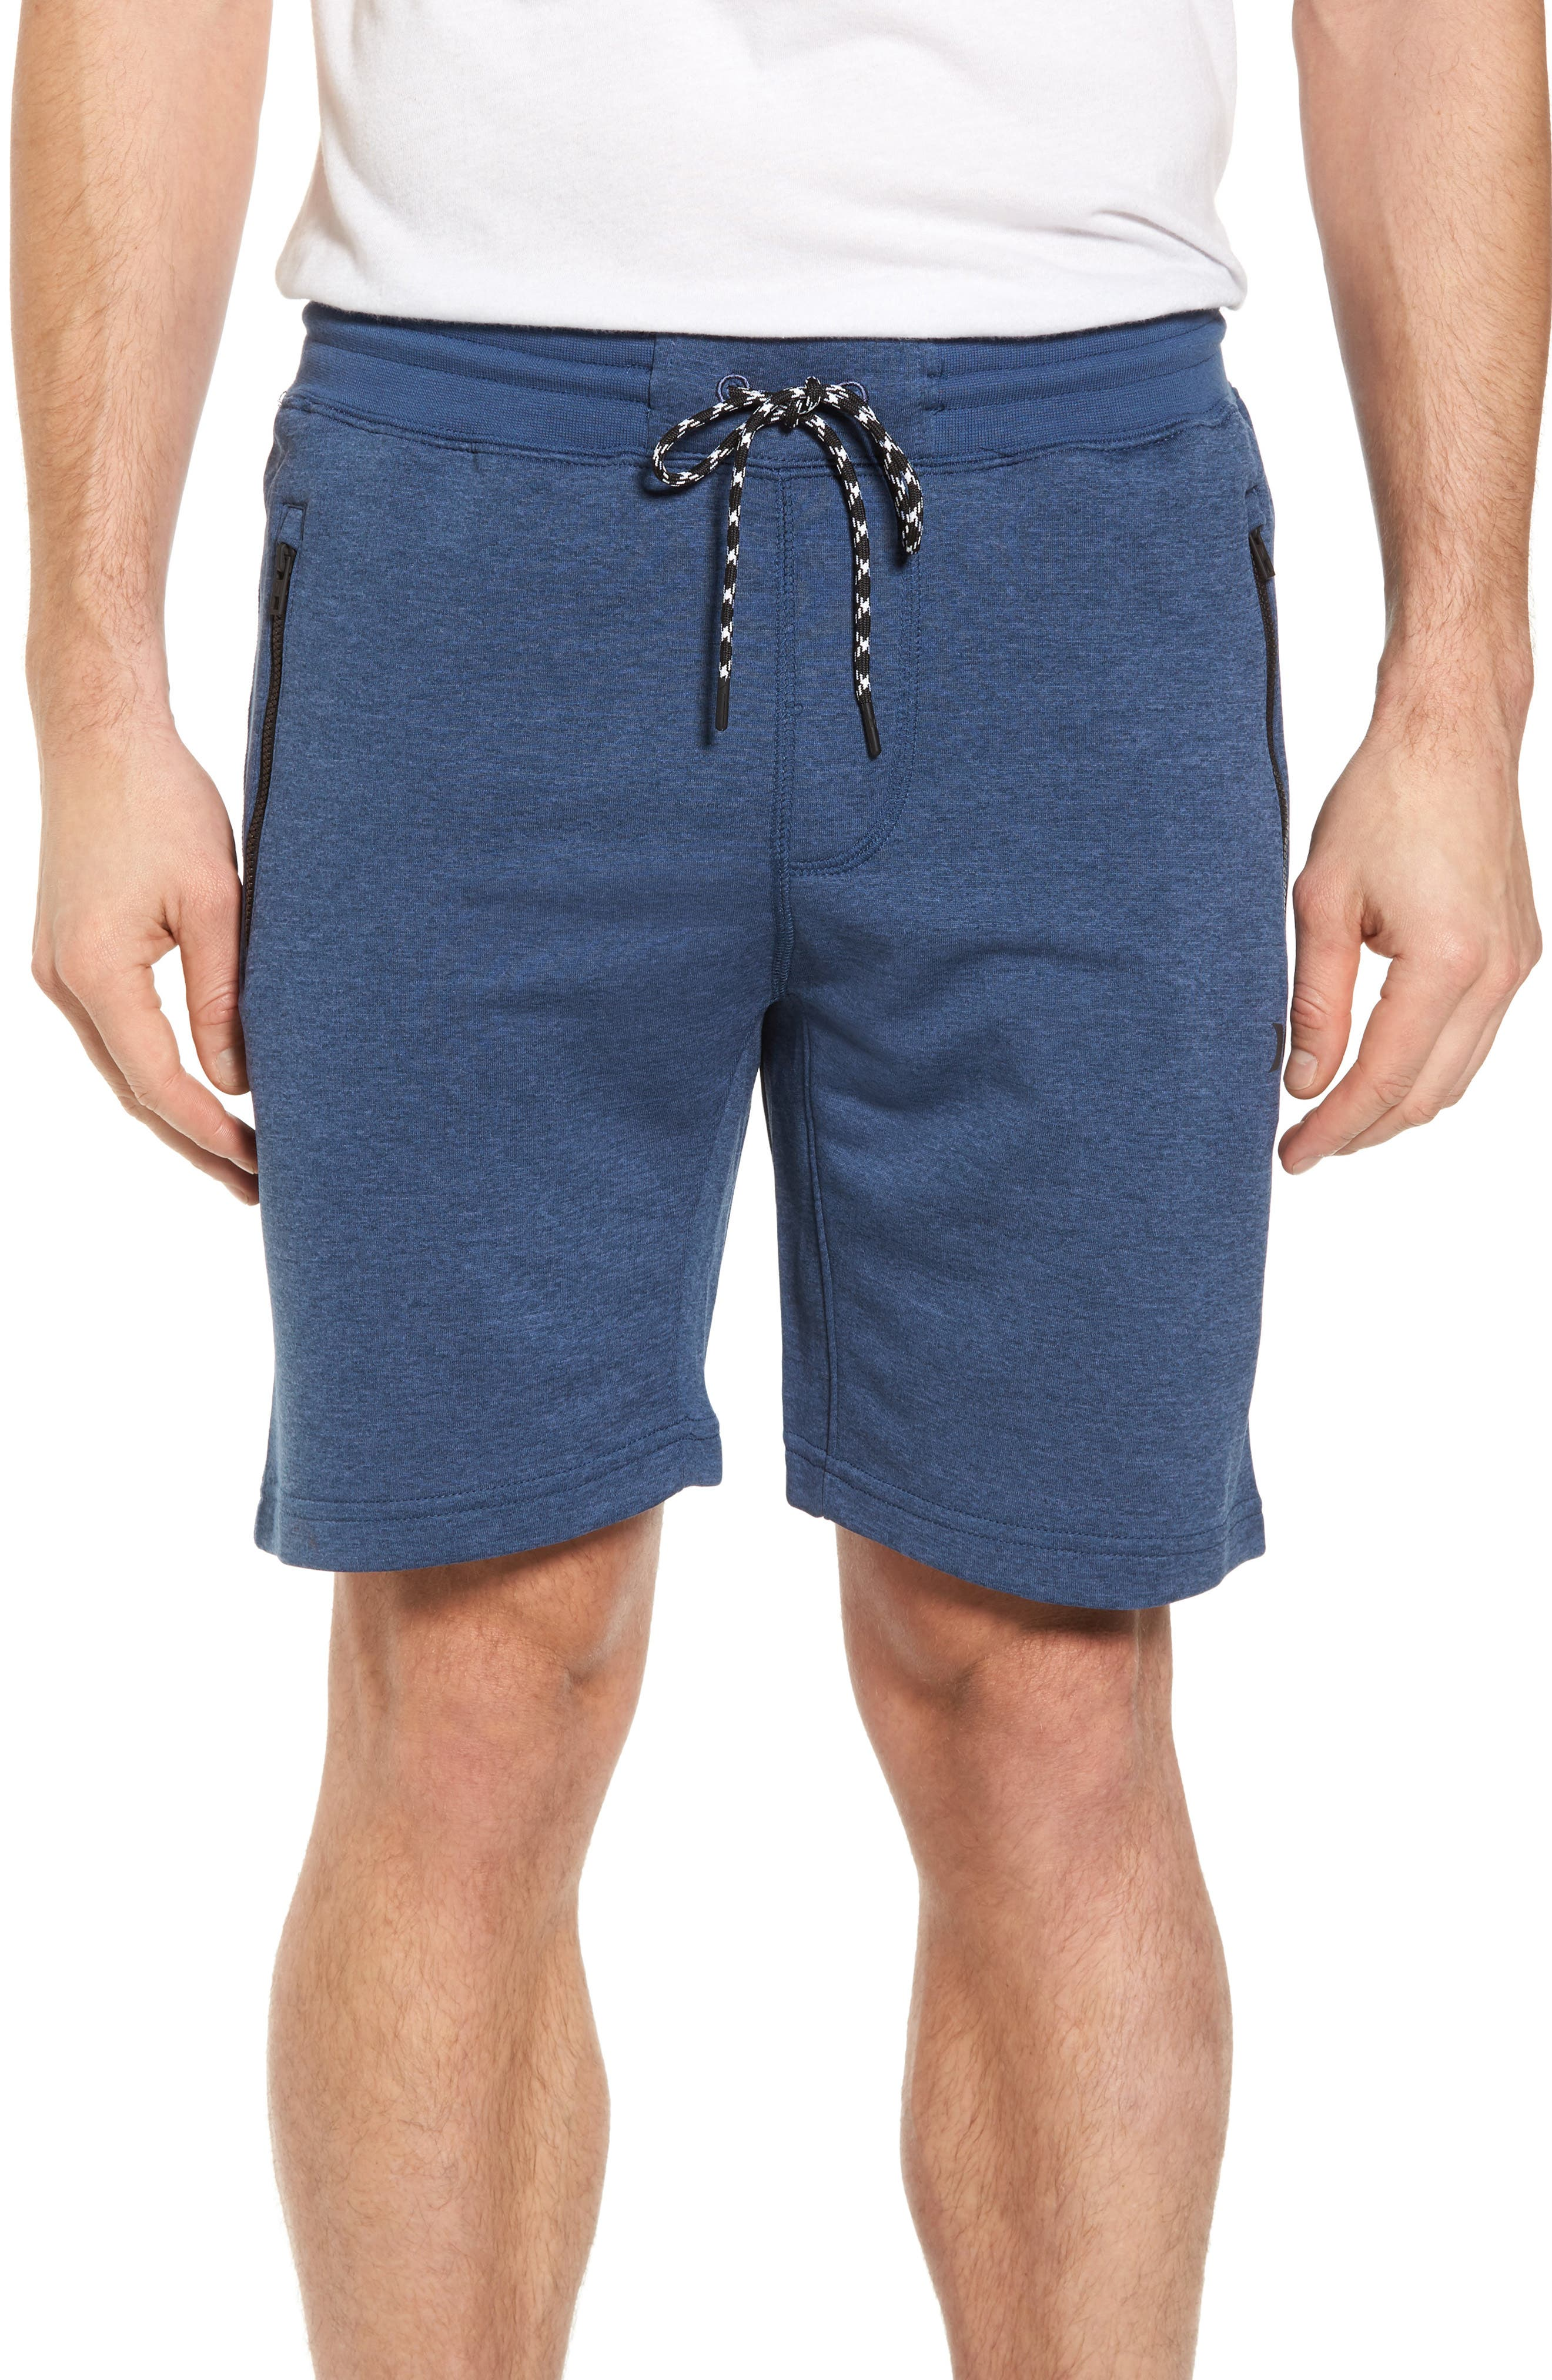 Dri-FIT Solar Shorts,                             Main thumbnail 1, color,                             Squadron Blue